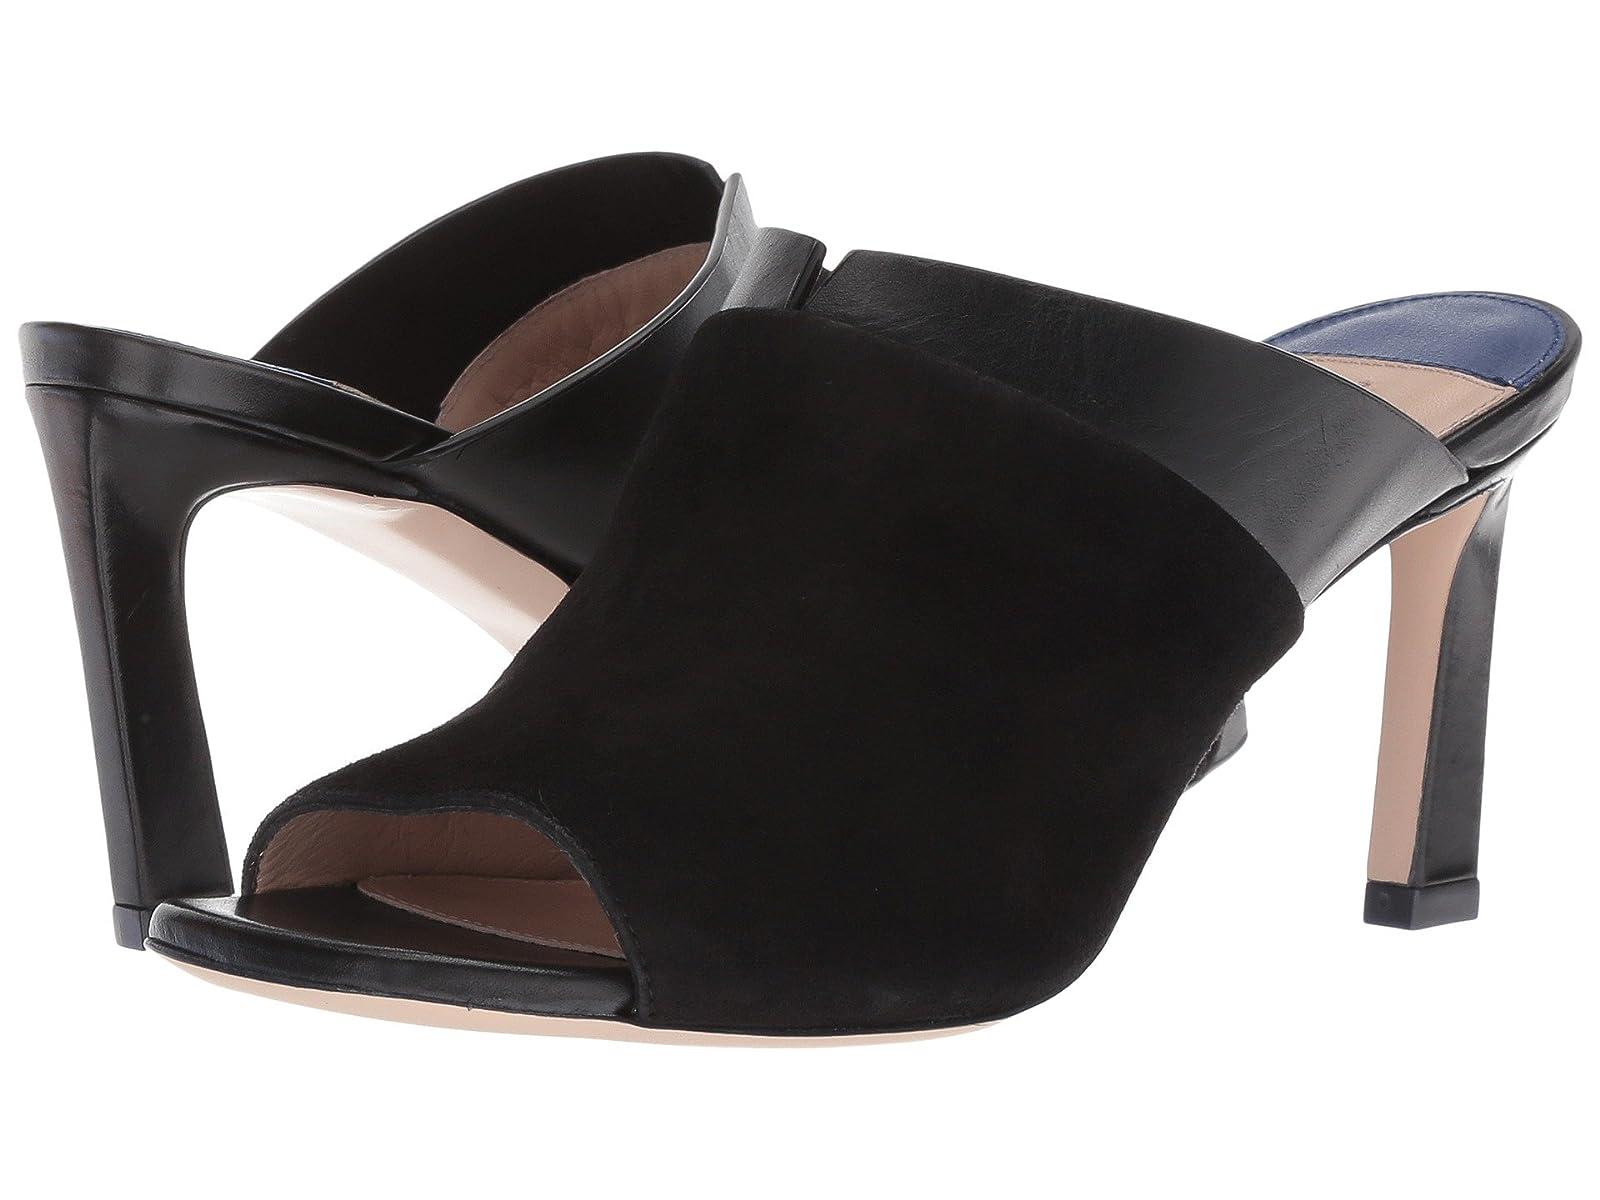 Stuart Weitzman Capri 75Atmospheric grades have affordable shoes